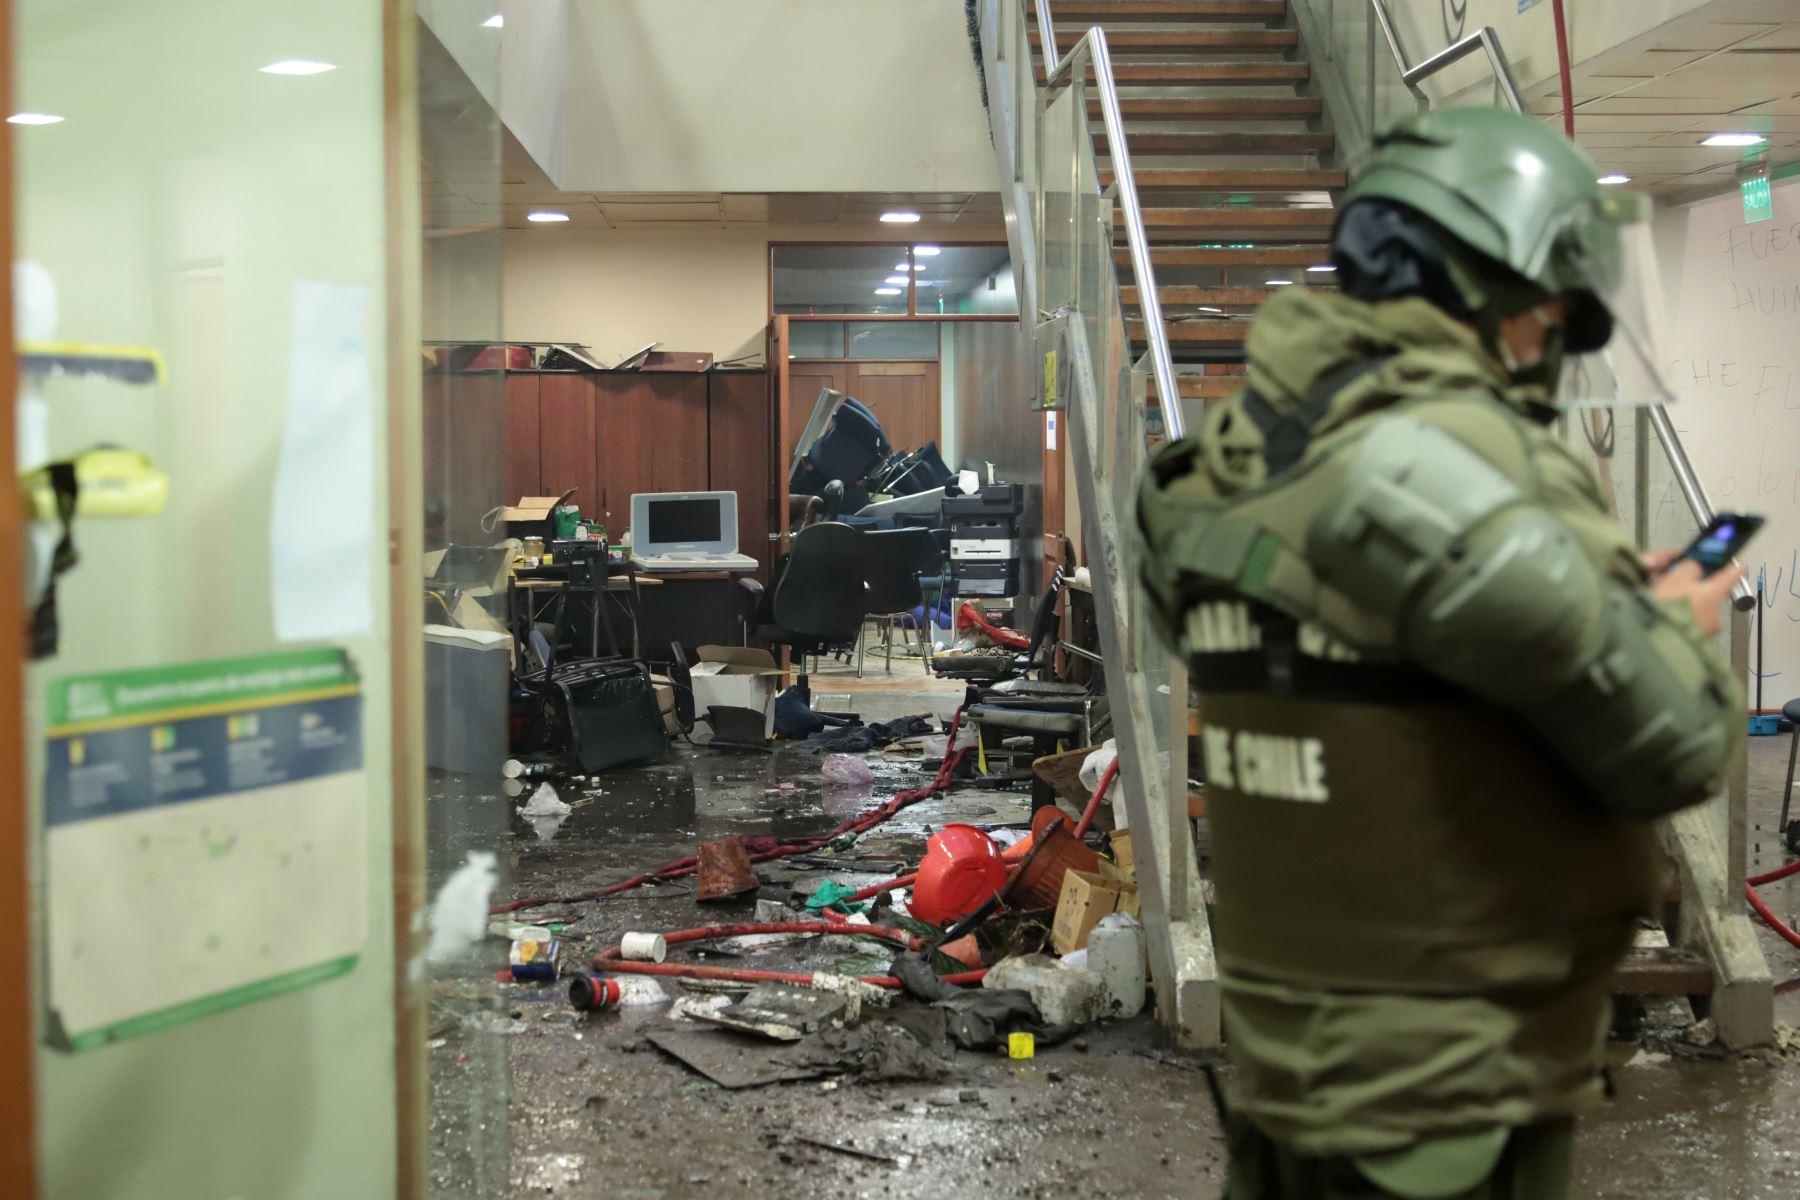 Policías vigilan el interior del municipio de Curacautín después de que fue destruido durante las protestas en la región de la Araucanía, sur de Chile, el 2 de agosto de 2020. Foto: AFP